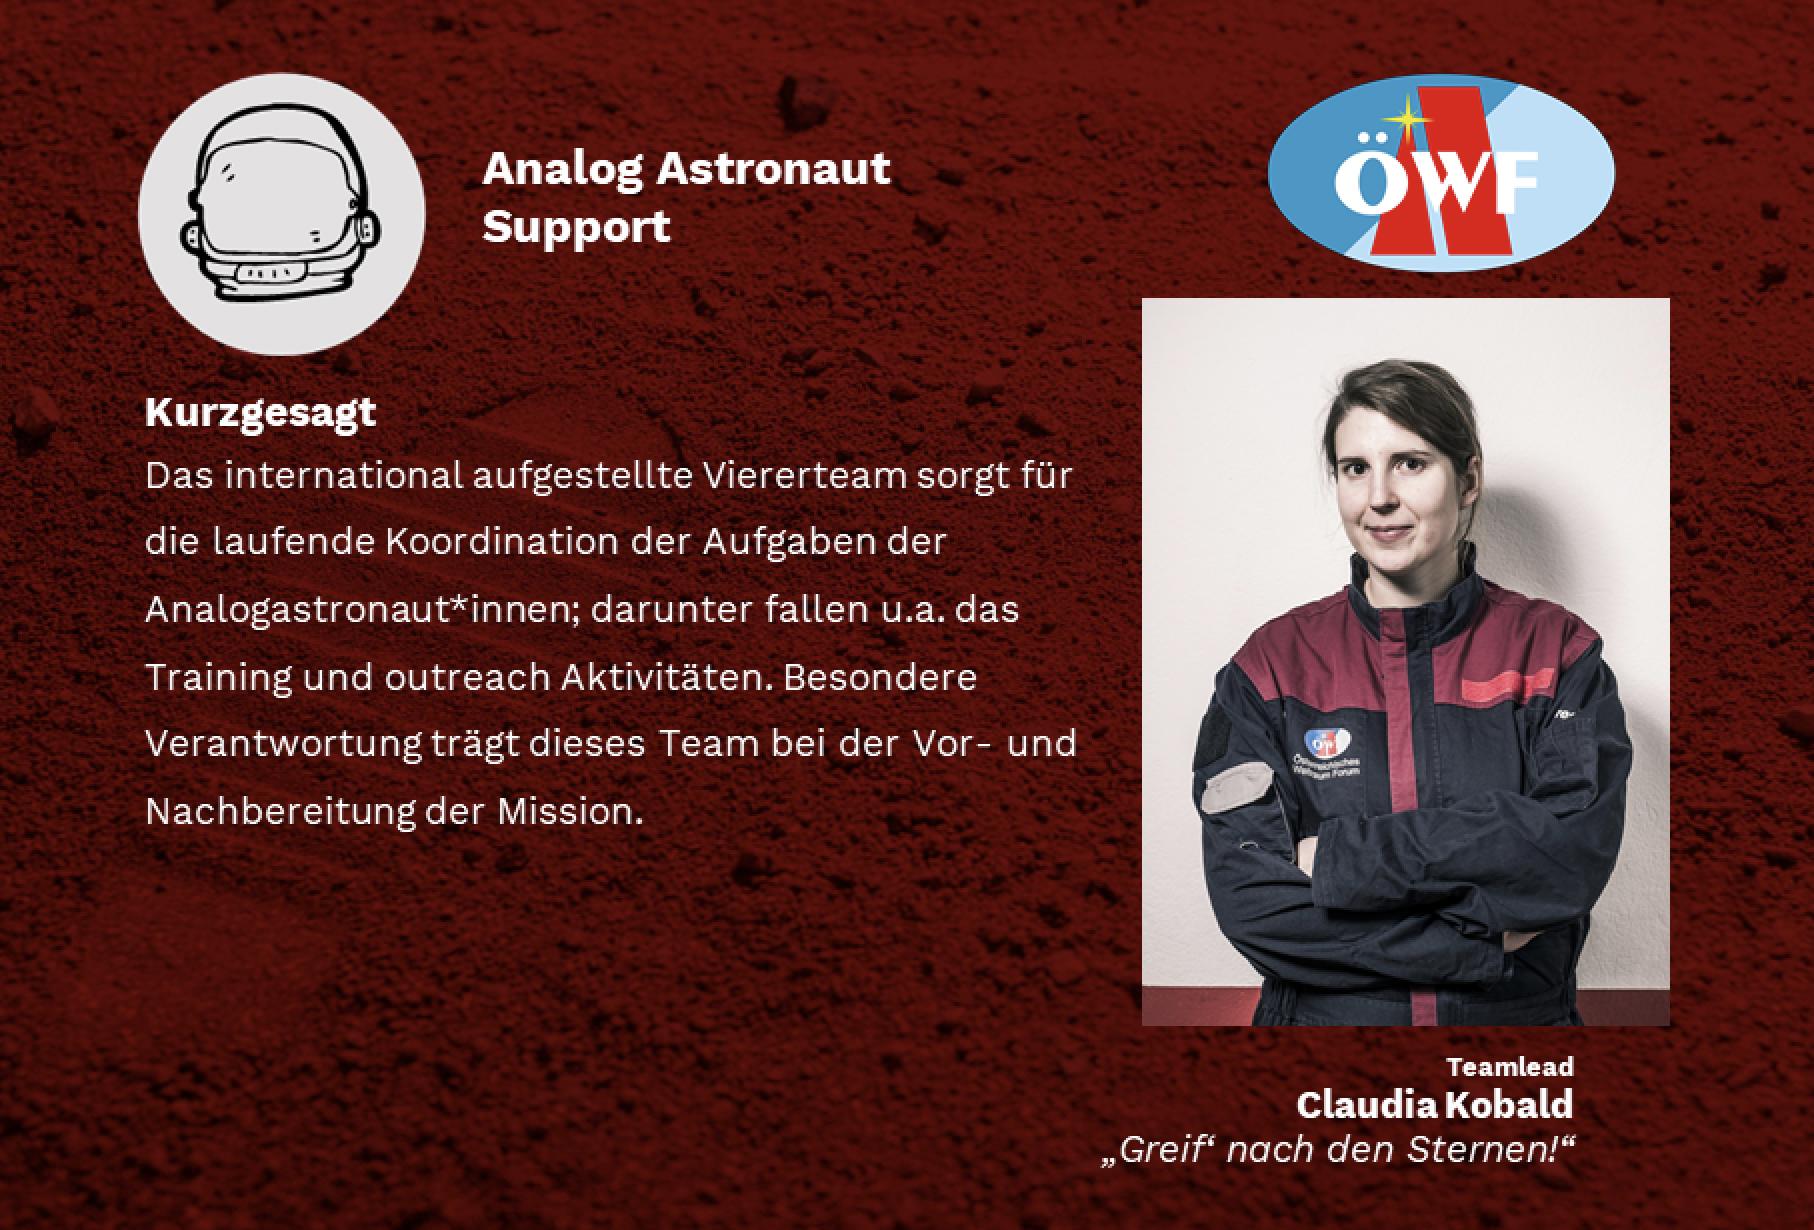 Unser Analog Astronaut Support (AAS) stellt sich vor.